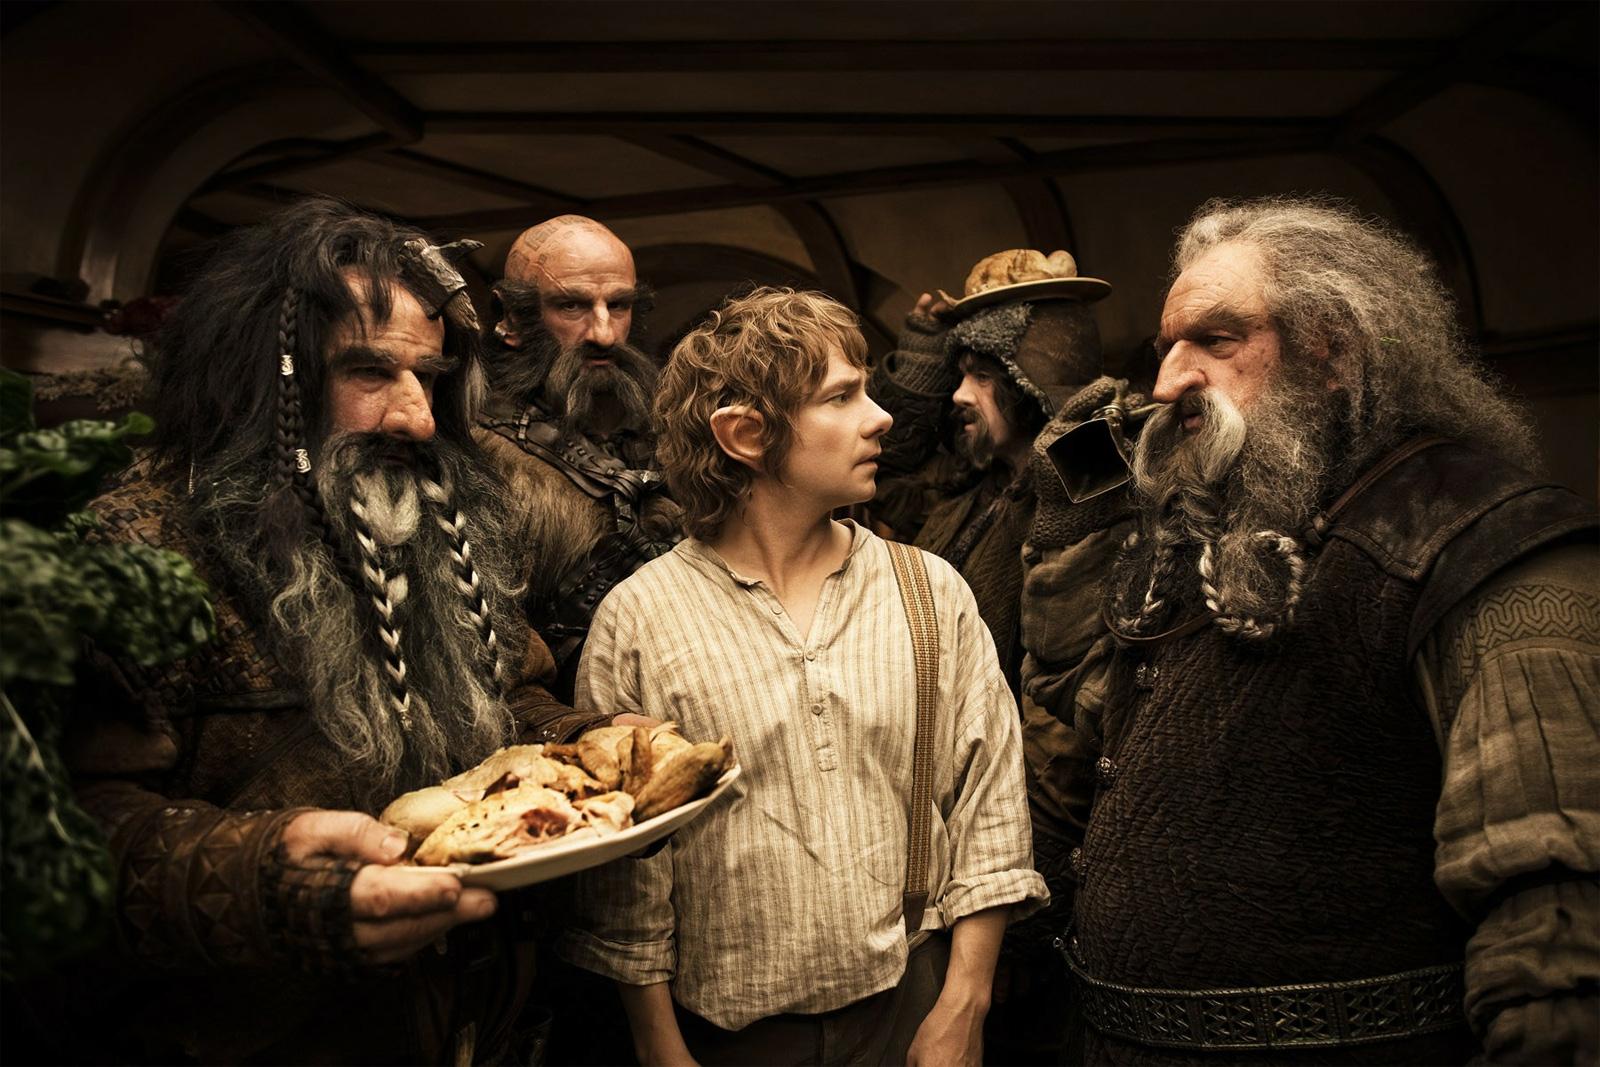 hobbit-bilbo-cuceler